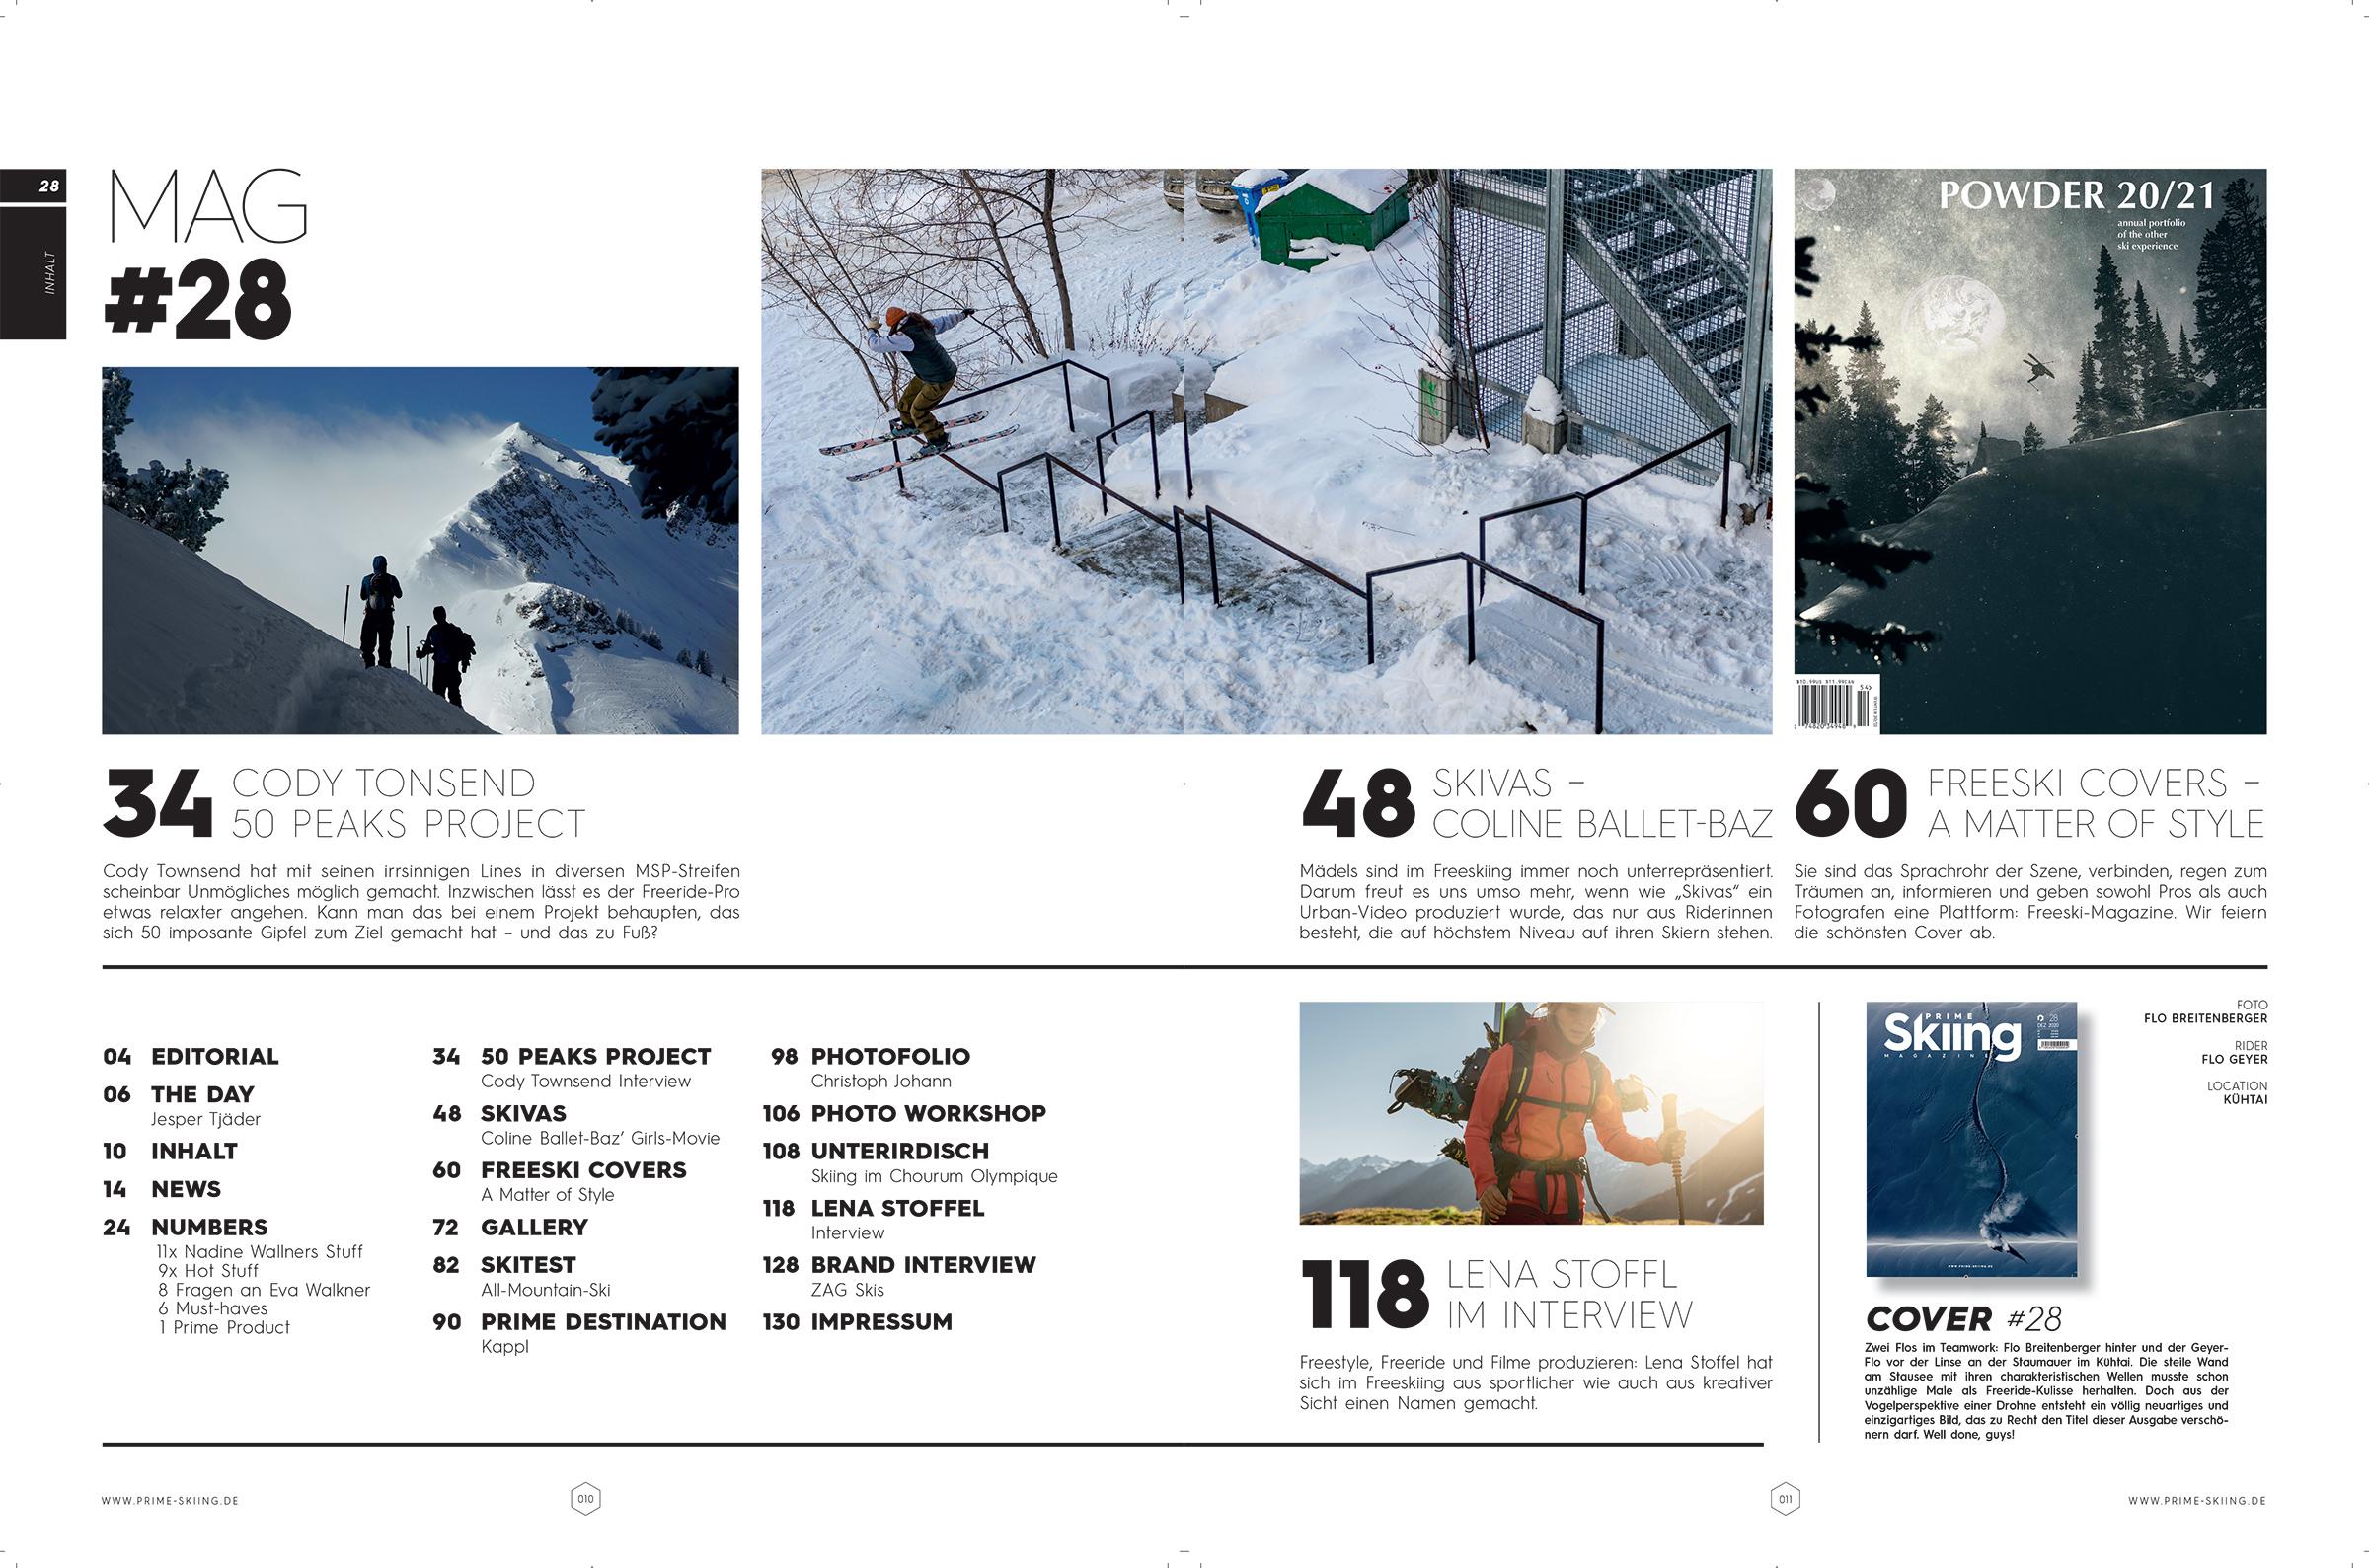 PRIME Skiing #28: Alle Artikel in der Übersicht